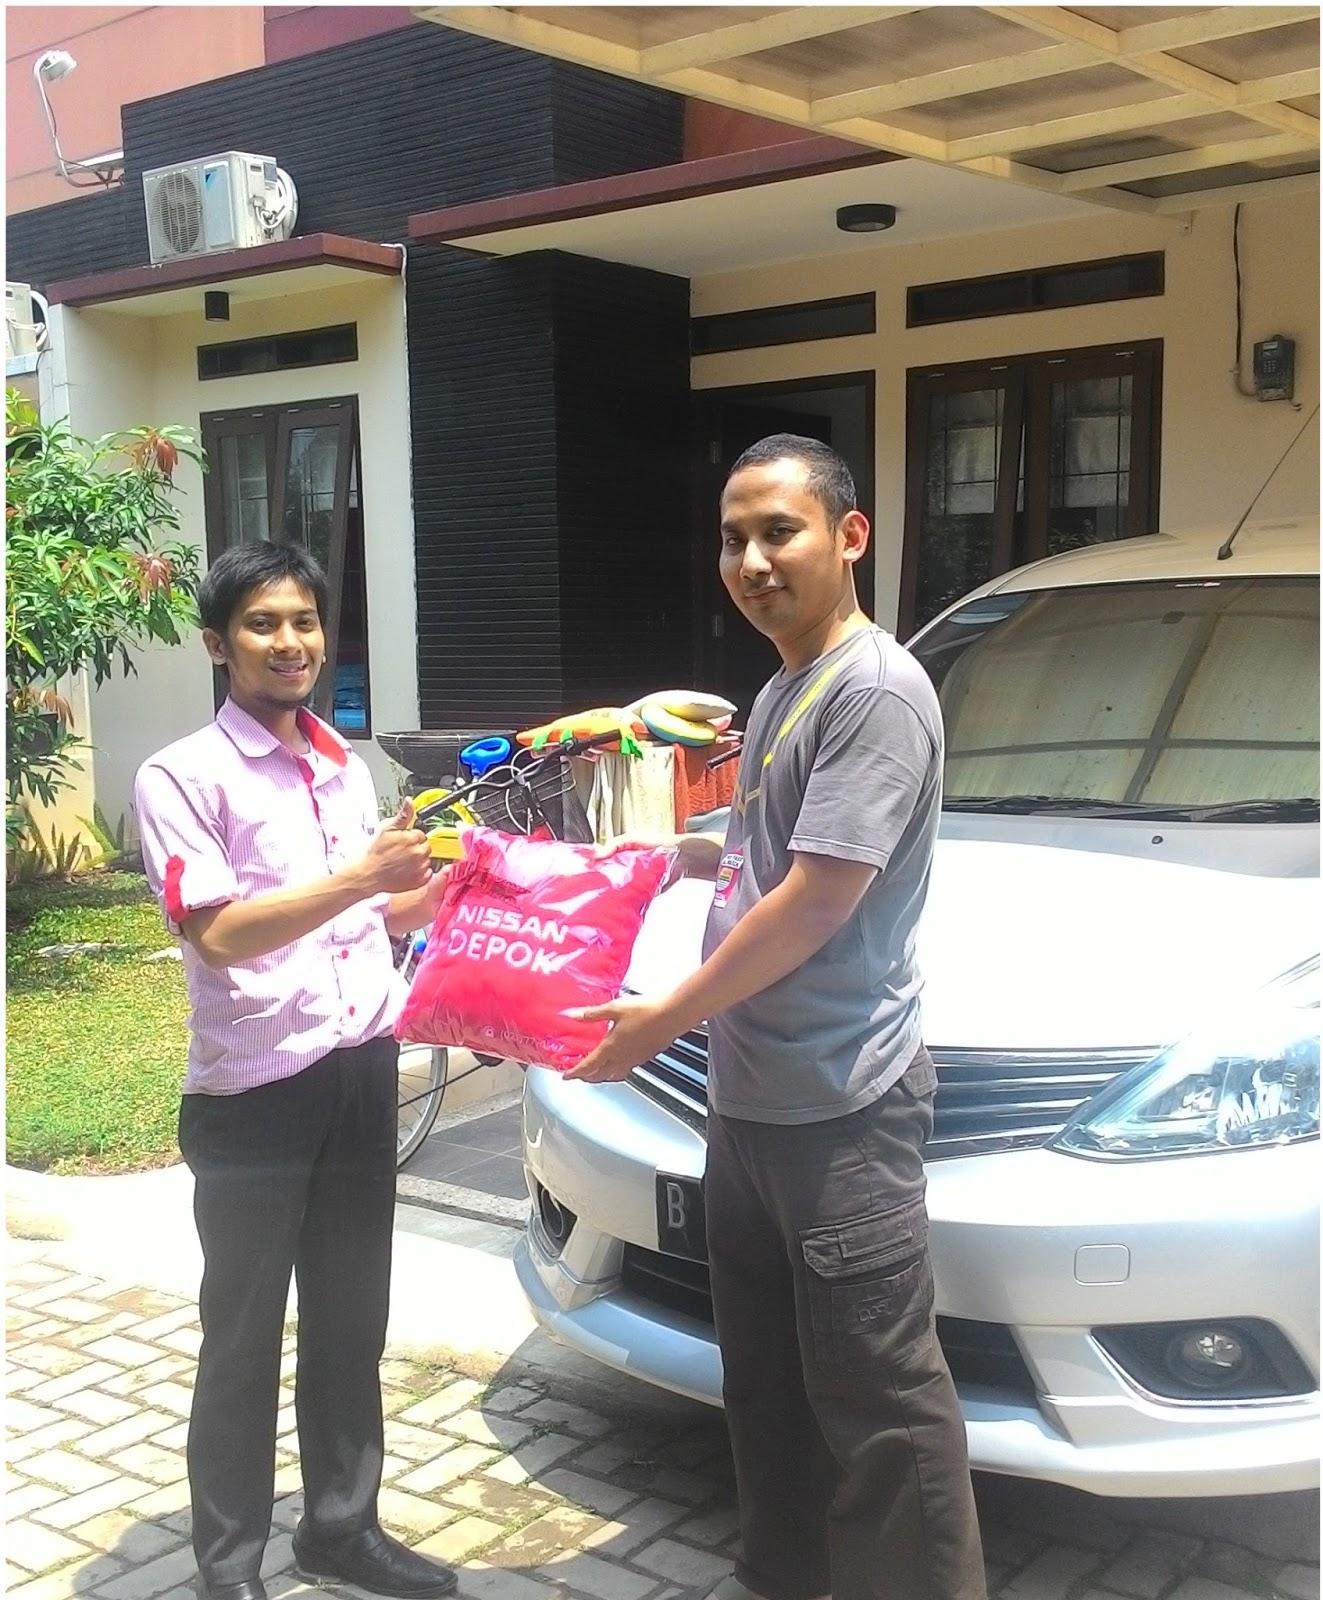 Terimakasih atas kepercayaan Pak Kukuh & Keluarga yg telah membeli Nissan Grand Livina HWS melalui media www.touchnissan.com.  Semoga Berkah ya Pak...